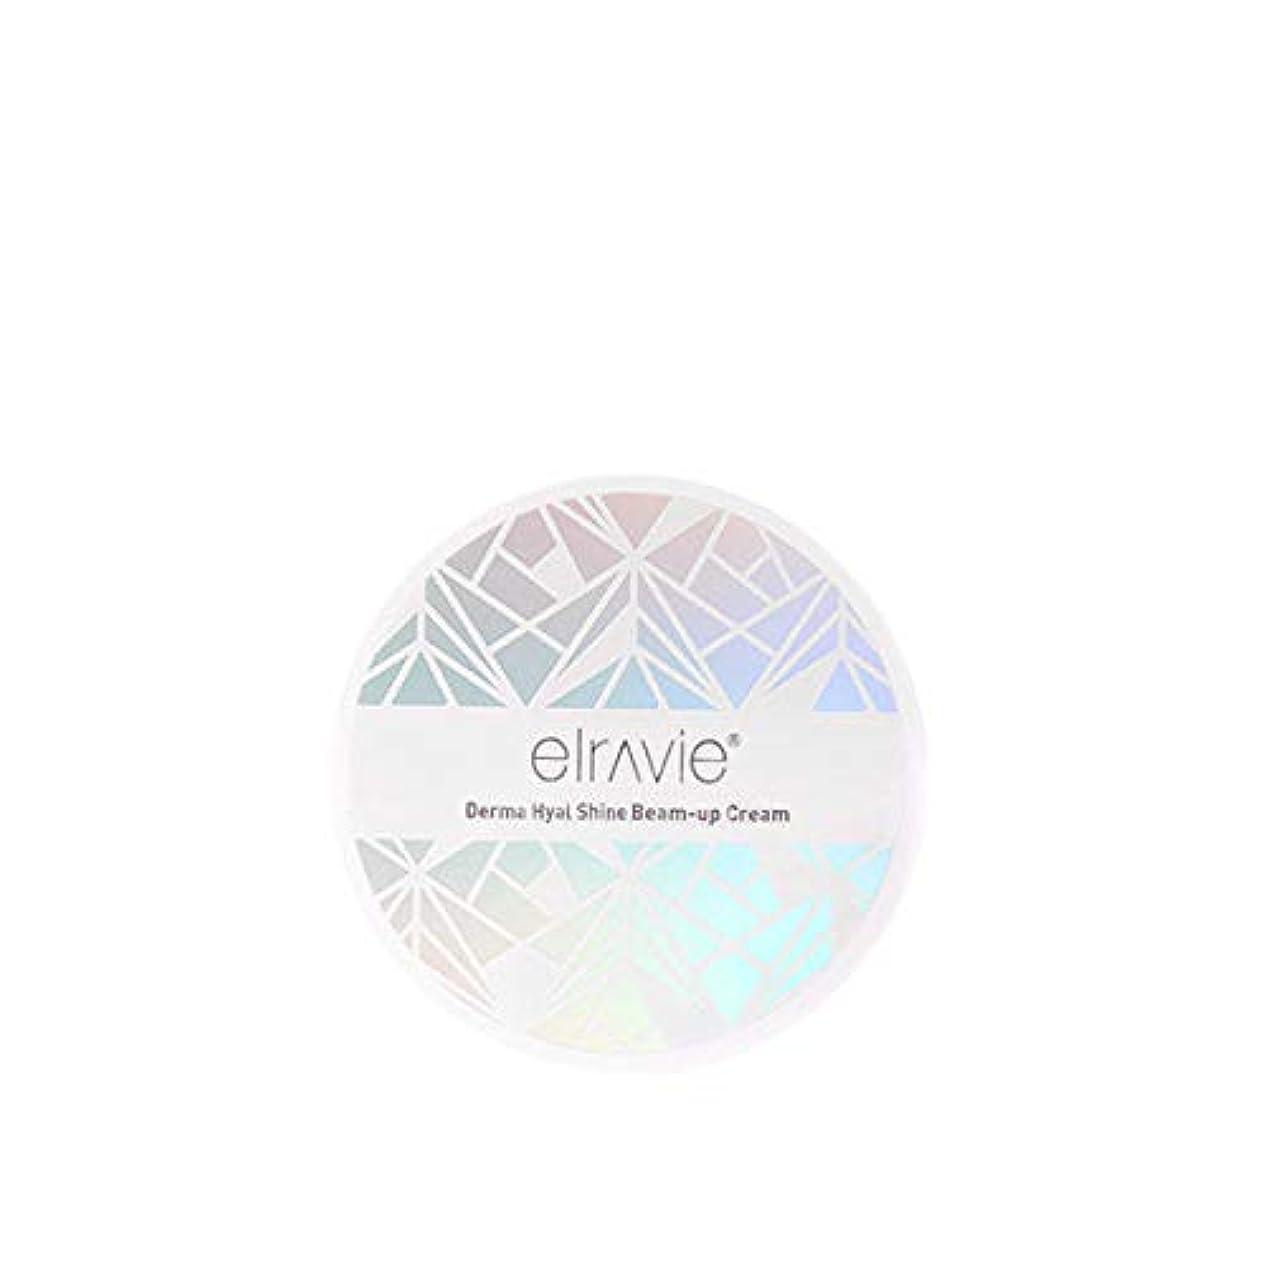 特権忍耐カップエラヴィー[Elravie] ダーマヒアルロン酸 輝くビームアップクリーム15g / Derma Hyal Shine Beam-up Cream